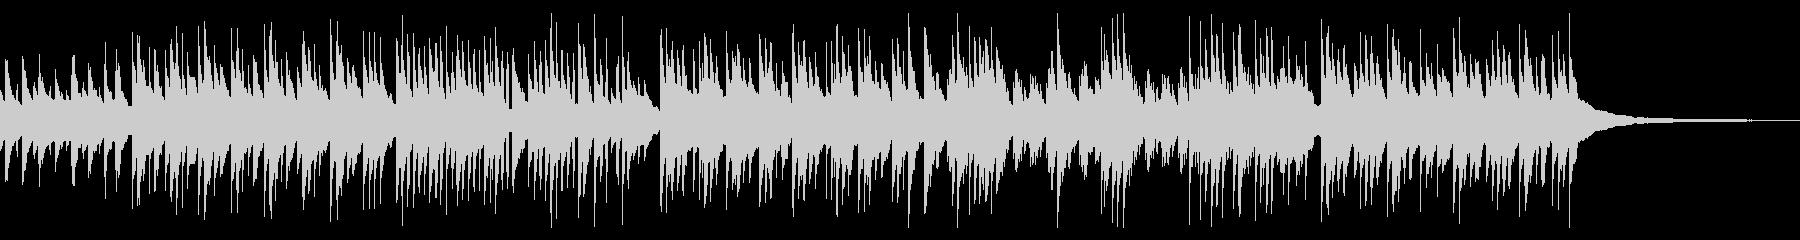 ほのぼの・軽快な3拍子ギターデュオの未再生の波形